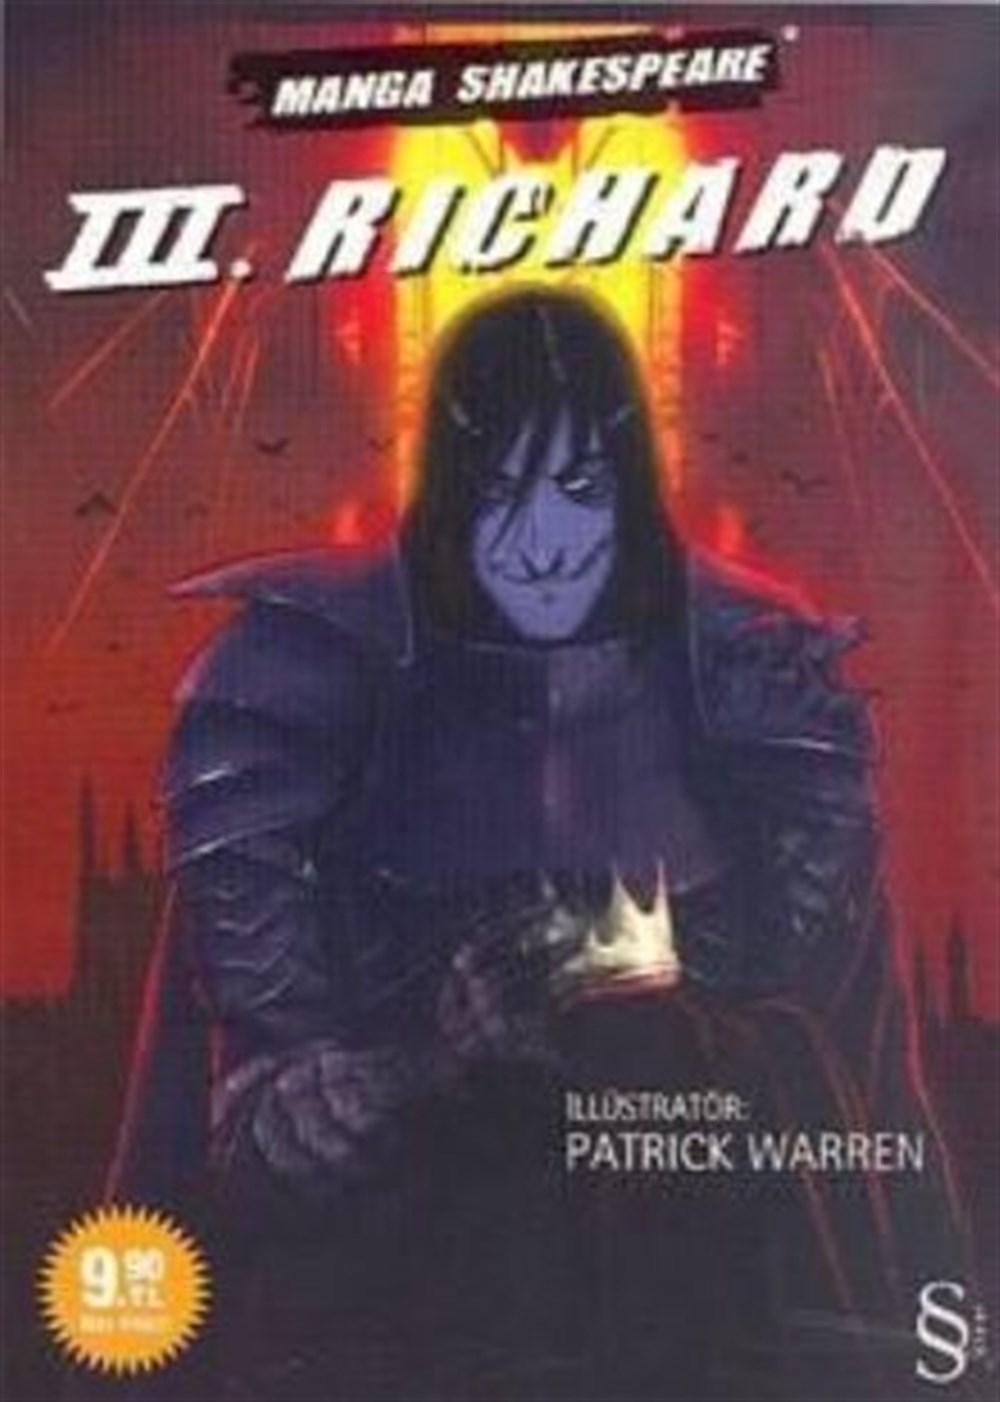 Manga Shakespeare: 3. Richard